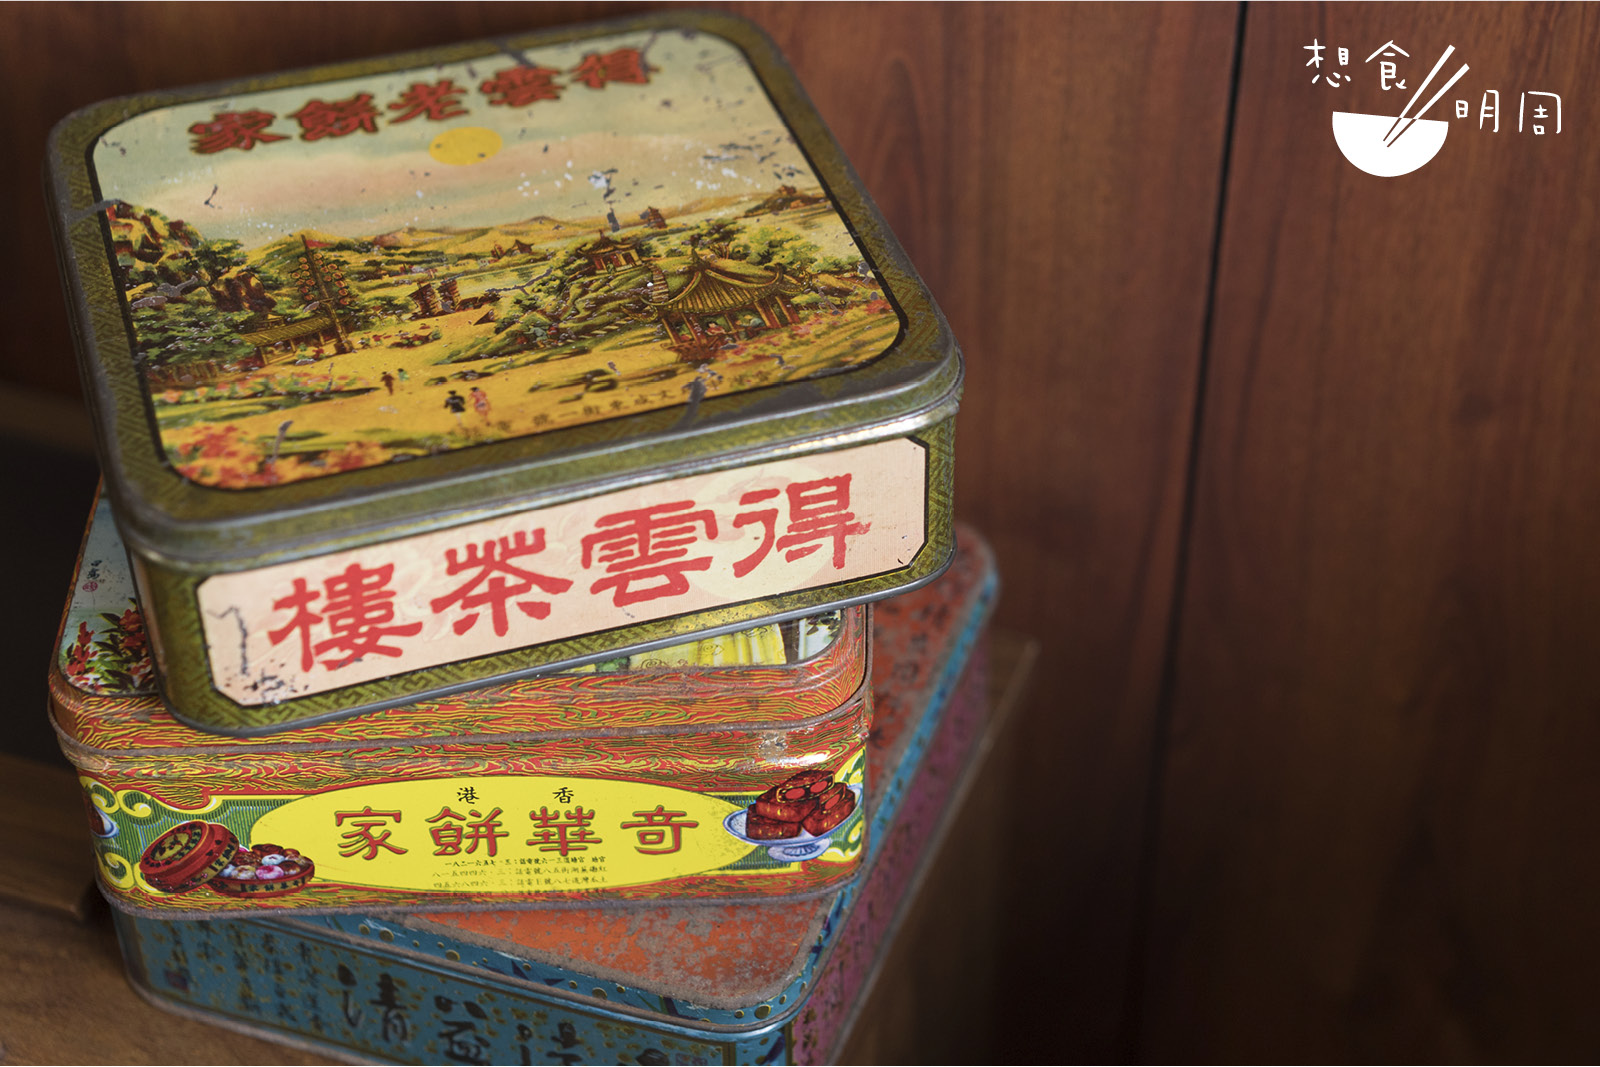 絕版月餅盒有價有市,有的可索價達三千多元一個。但因為極為罕有,並非有錢就能買到。